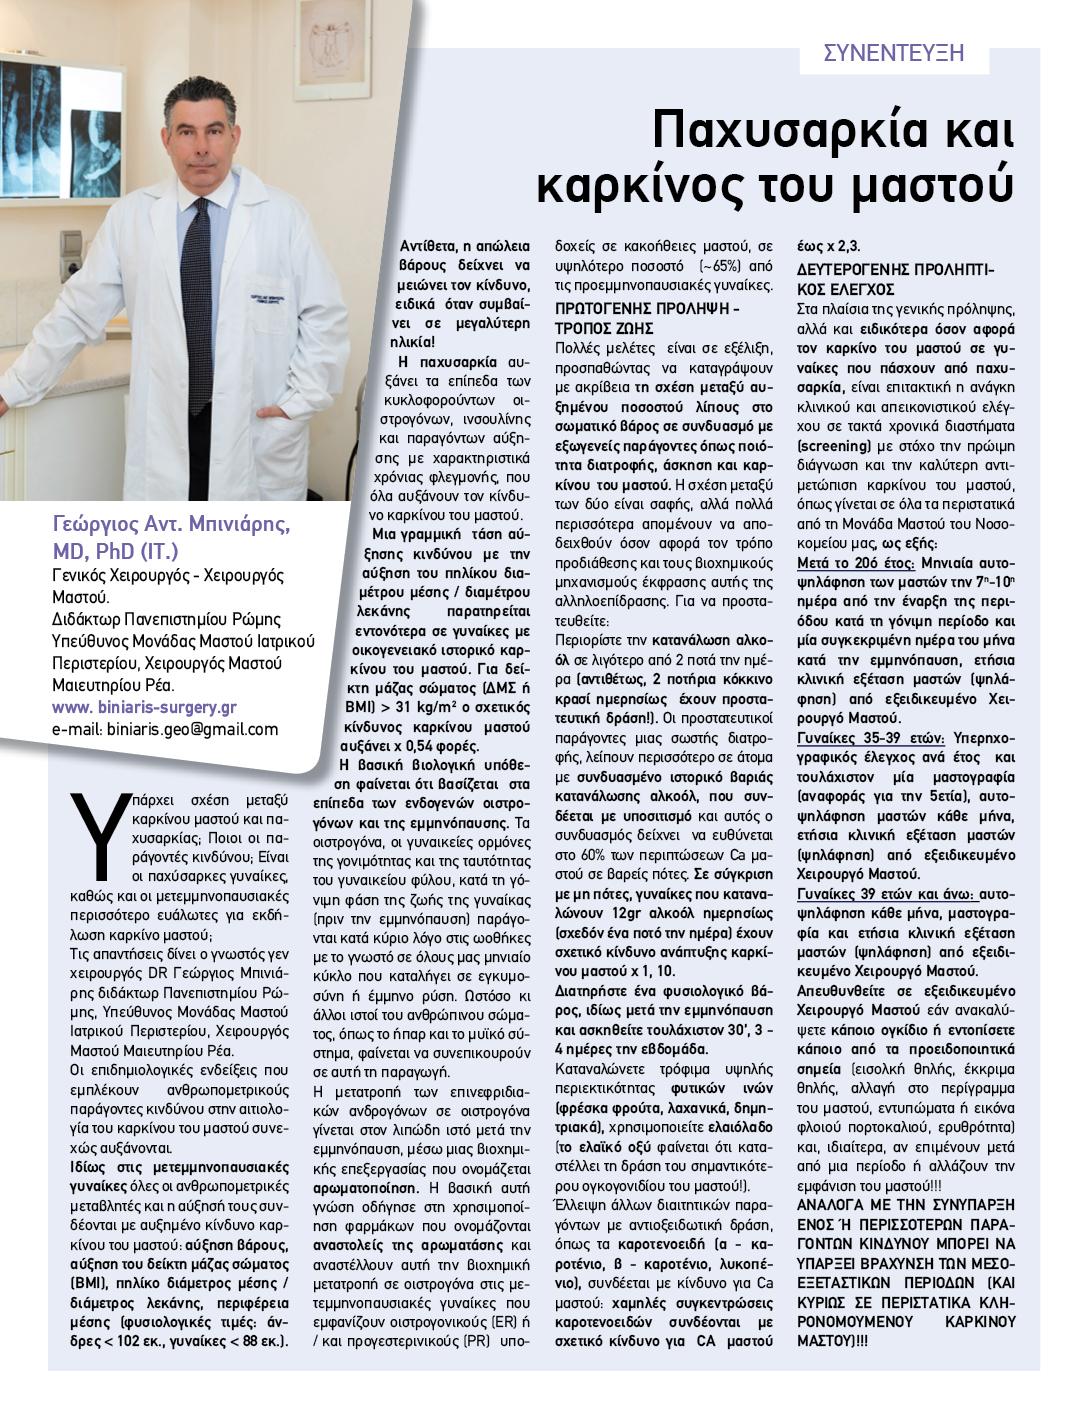 Συνέντευξη: Παχυσαρκια και καρκινος του μαστου.